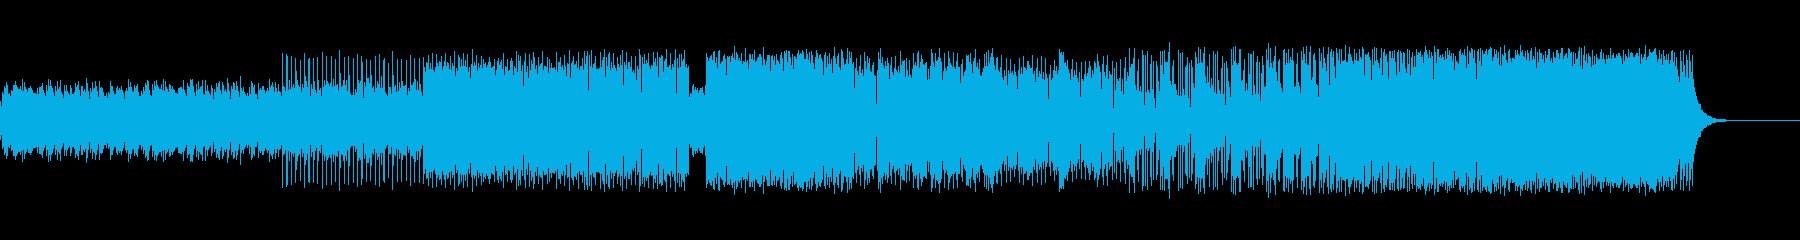 幻想系×DANCE BEATの再生済みの波形